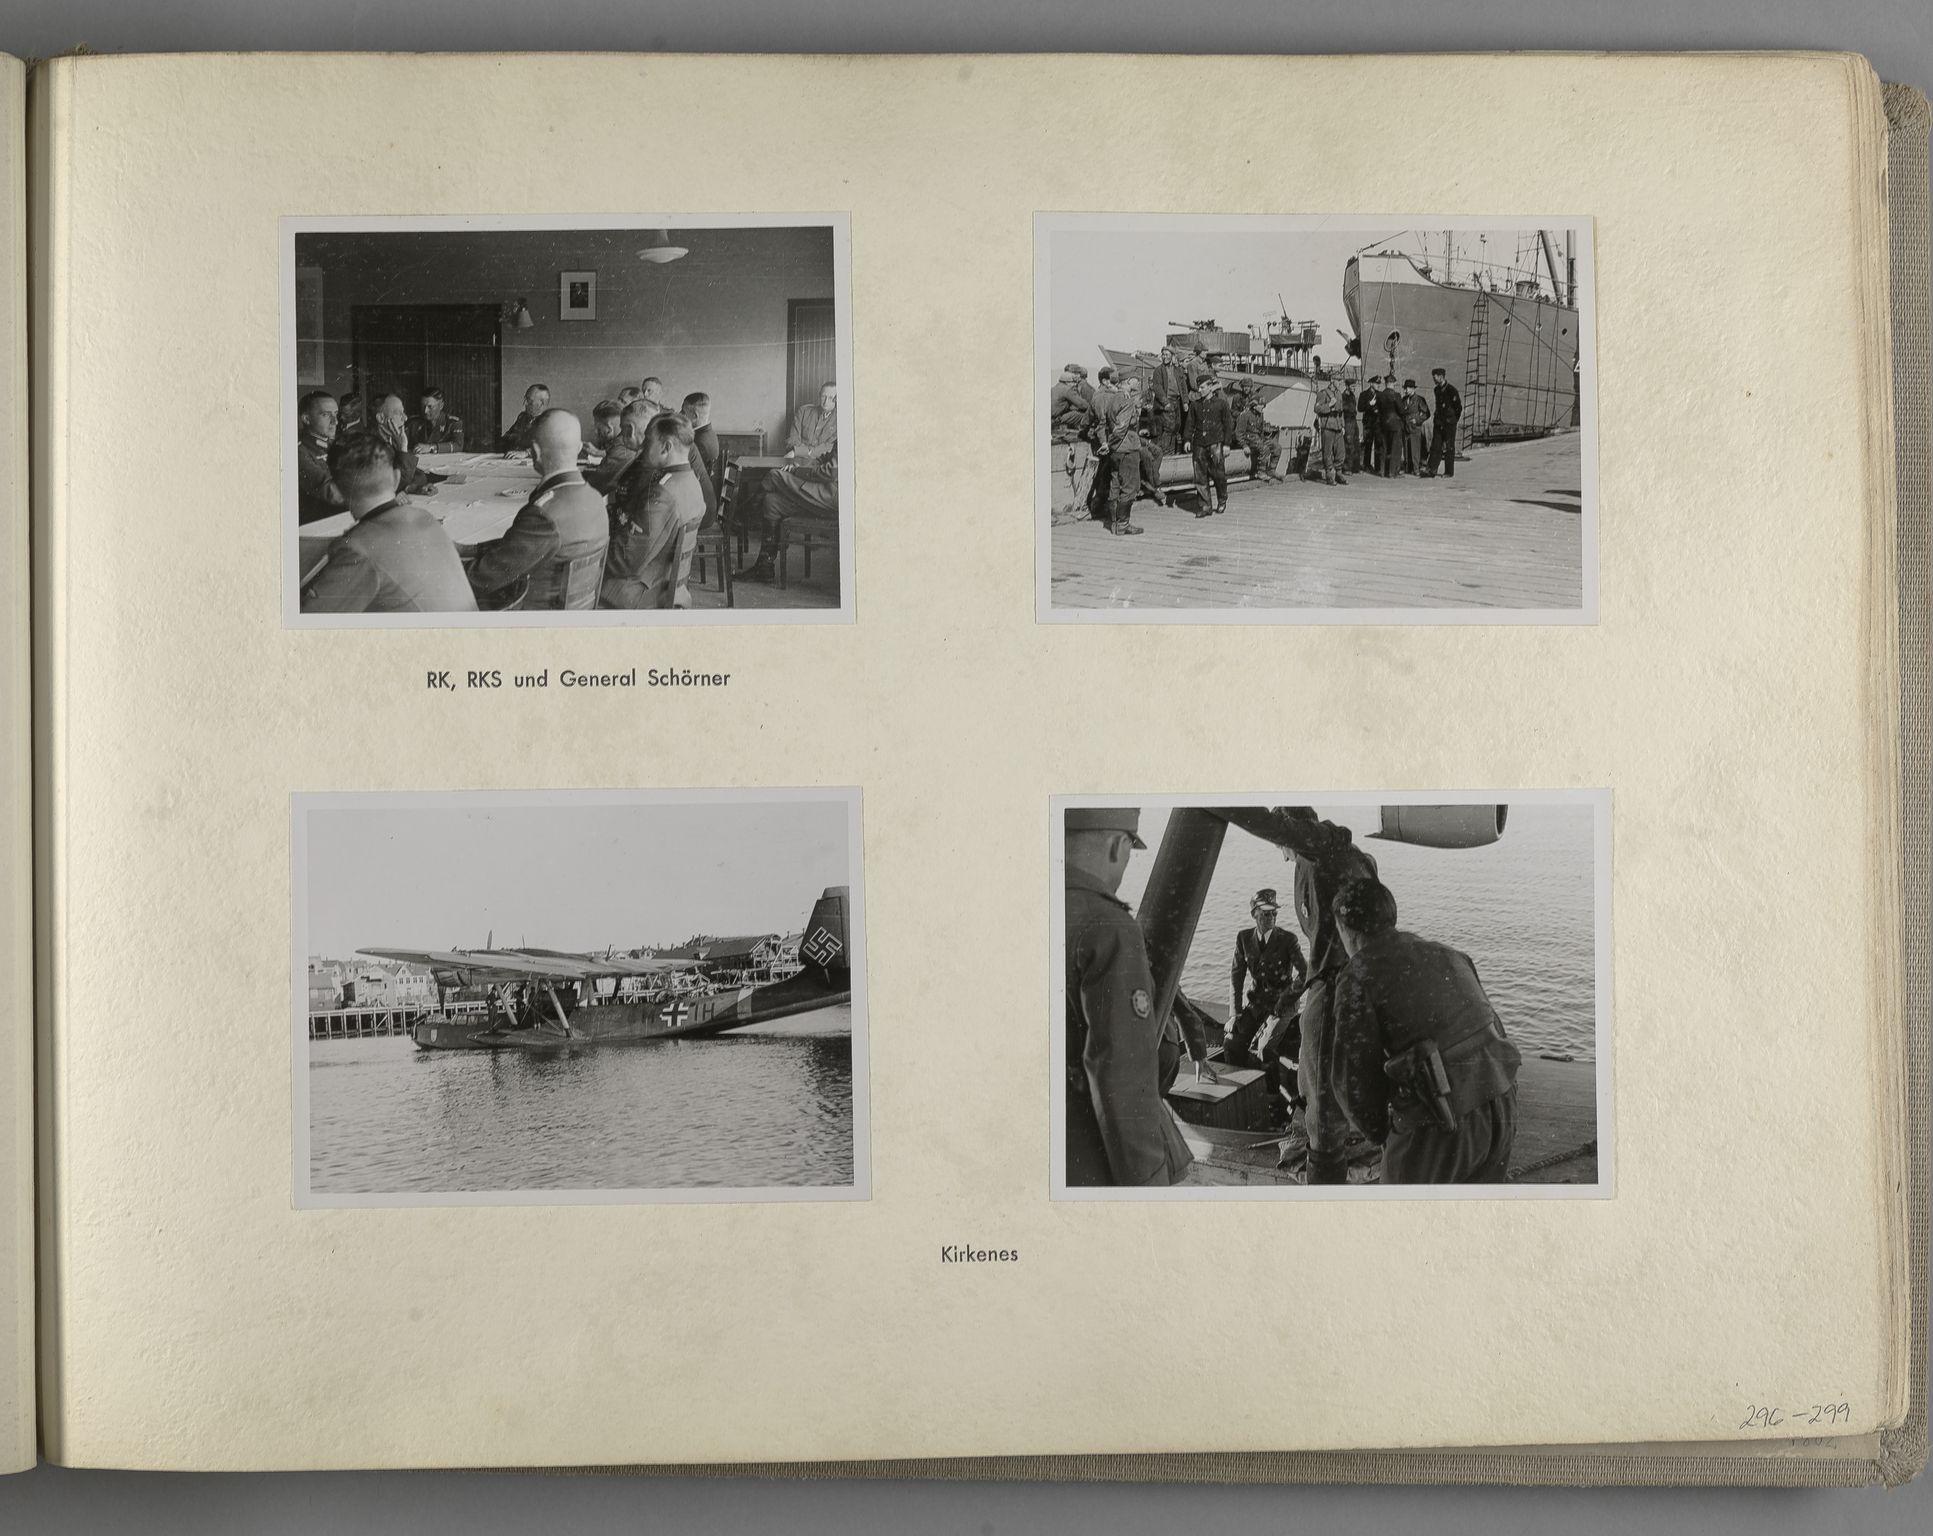 RA, Tyske arkiver, Reichskommissariat, Bildarchiv, U/L0071: Fotoalbum: Mit dem Reichskommissar nach Nordnorwegen und Finnland 10. bis 27. Juli 1942, 1942, s. 115